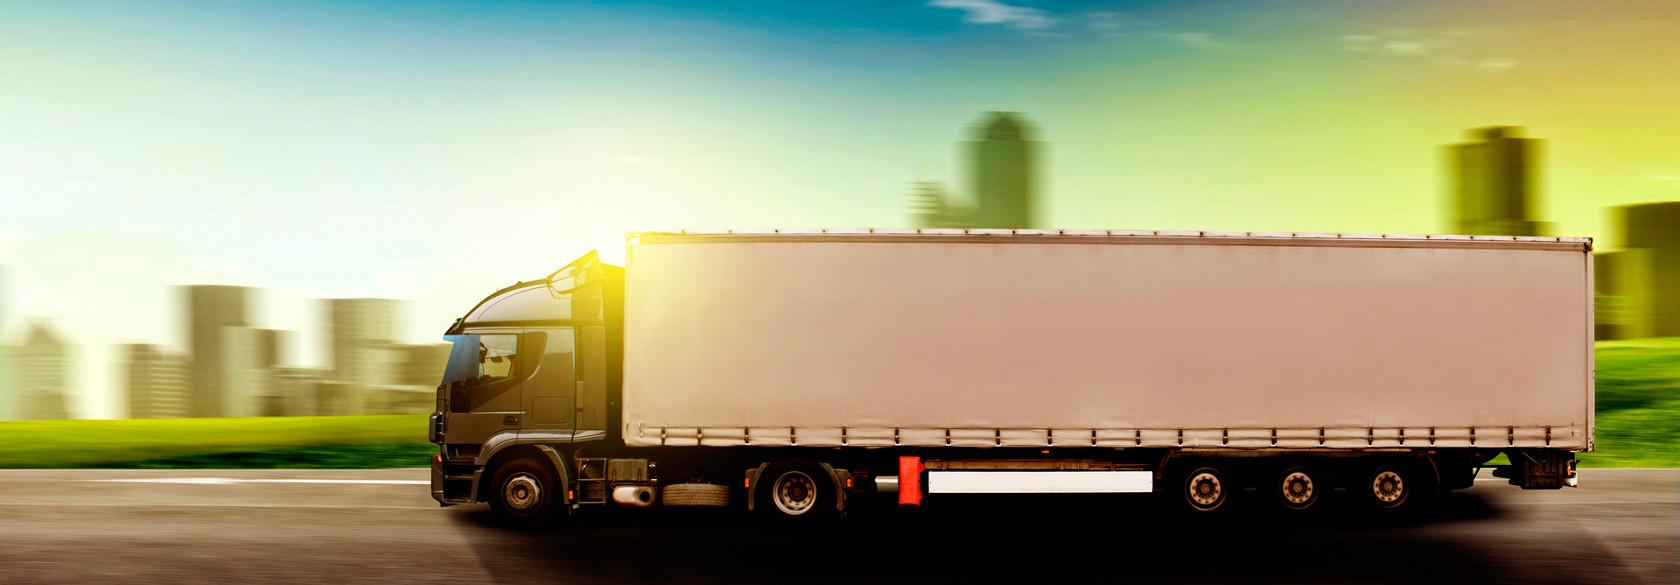 Автомобильные перевозки: